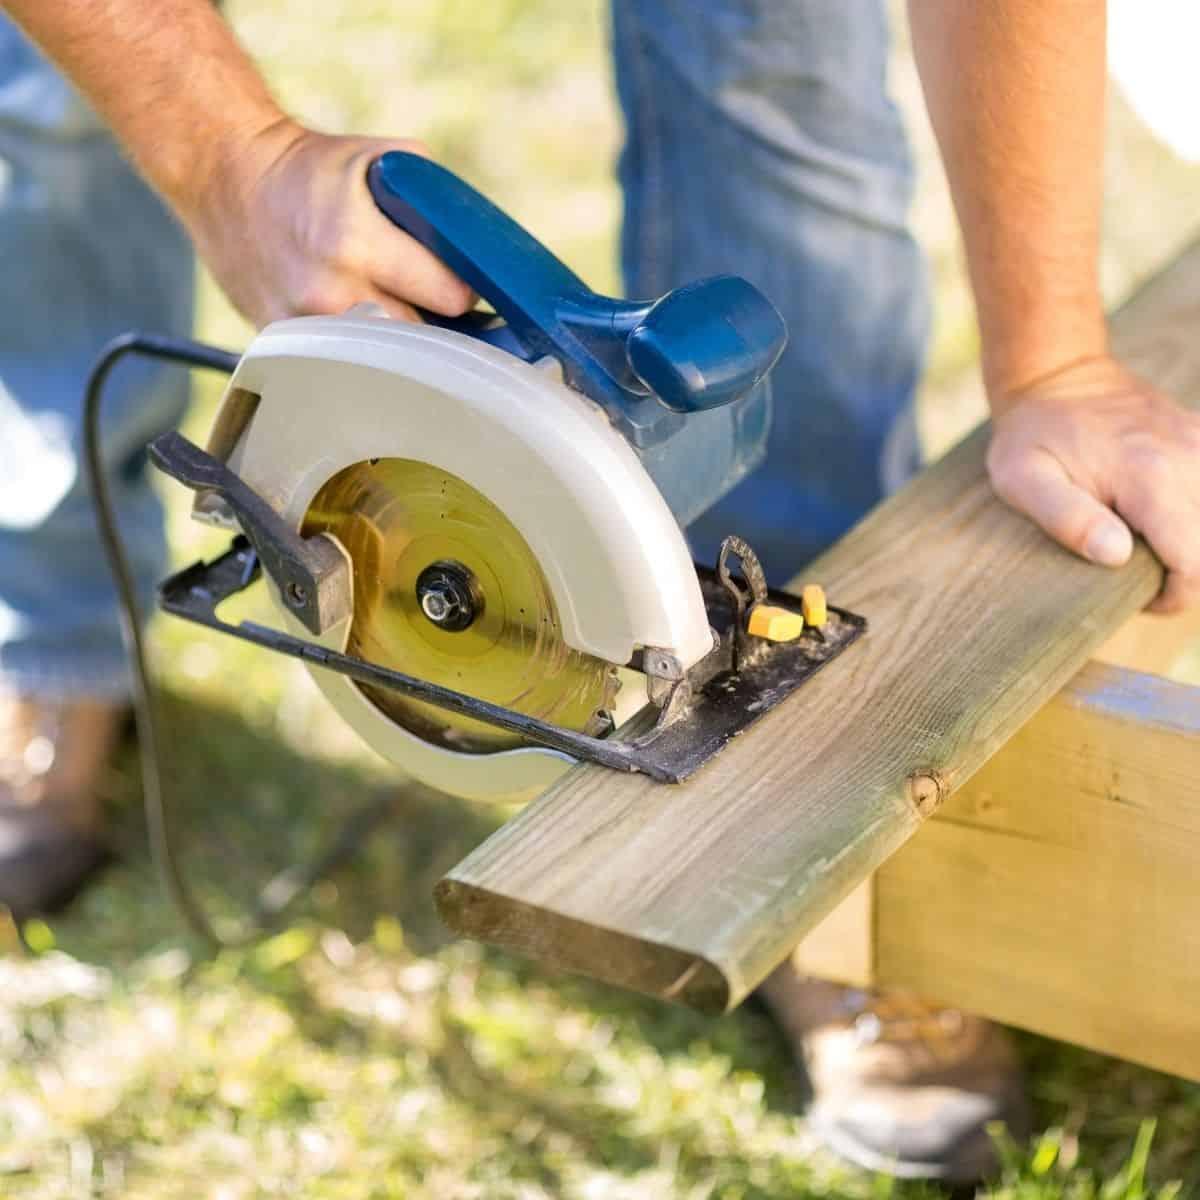 cutting a deck board with a circular saw